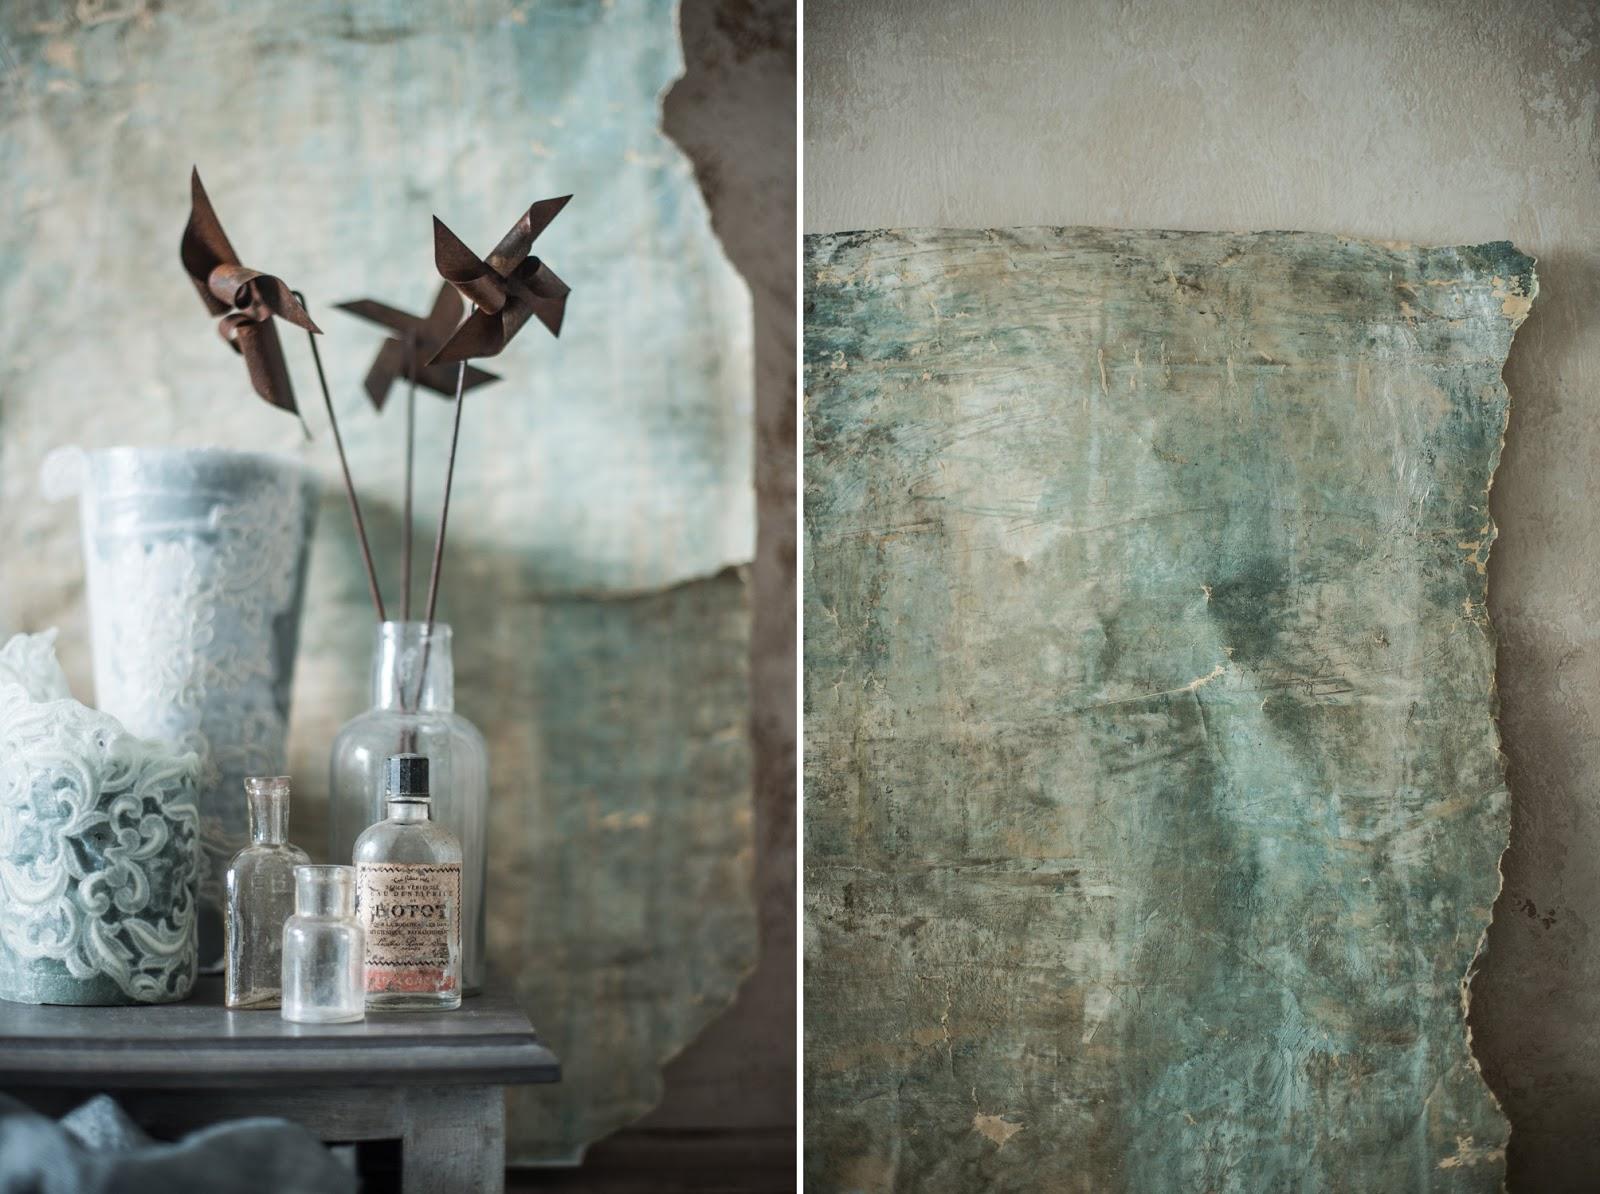 Lettere Da Appendere Al Muro pareti invecchiate ad arte - shabby chic interiors